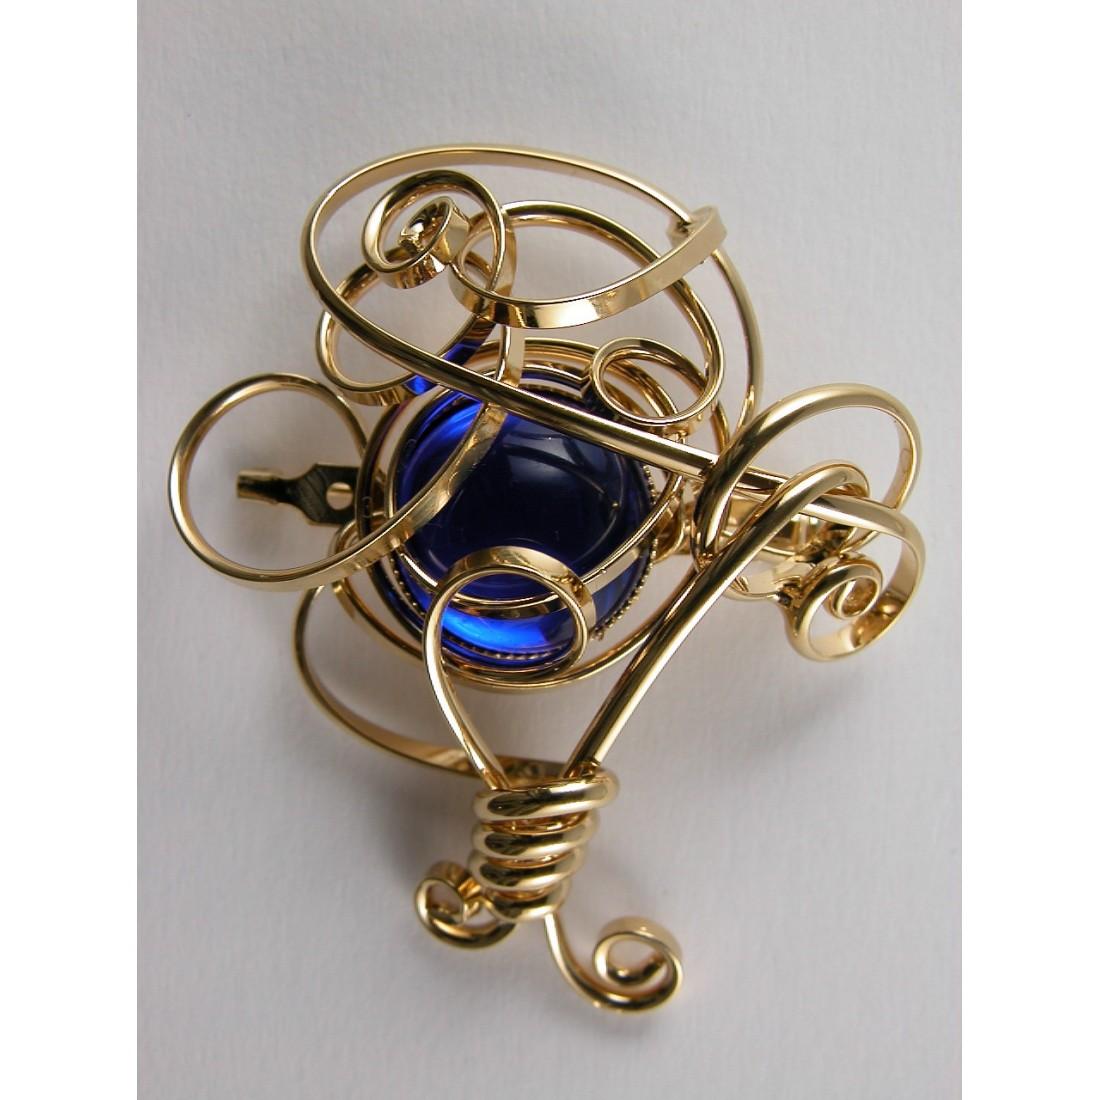 Broche dorée arrondie, finition artisanale or et bleu saphir